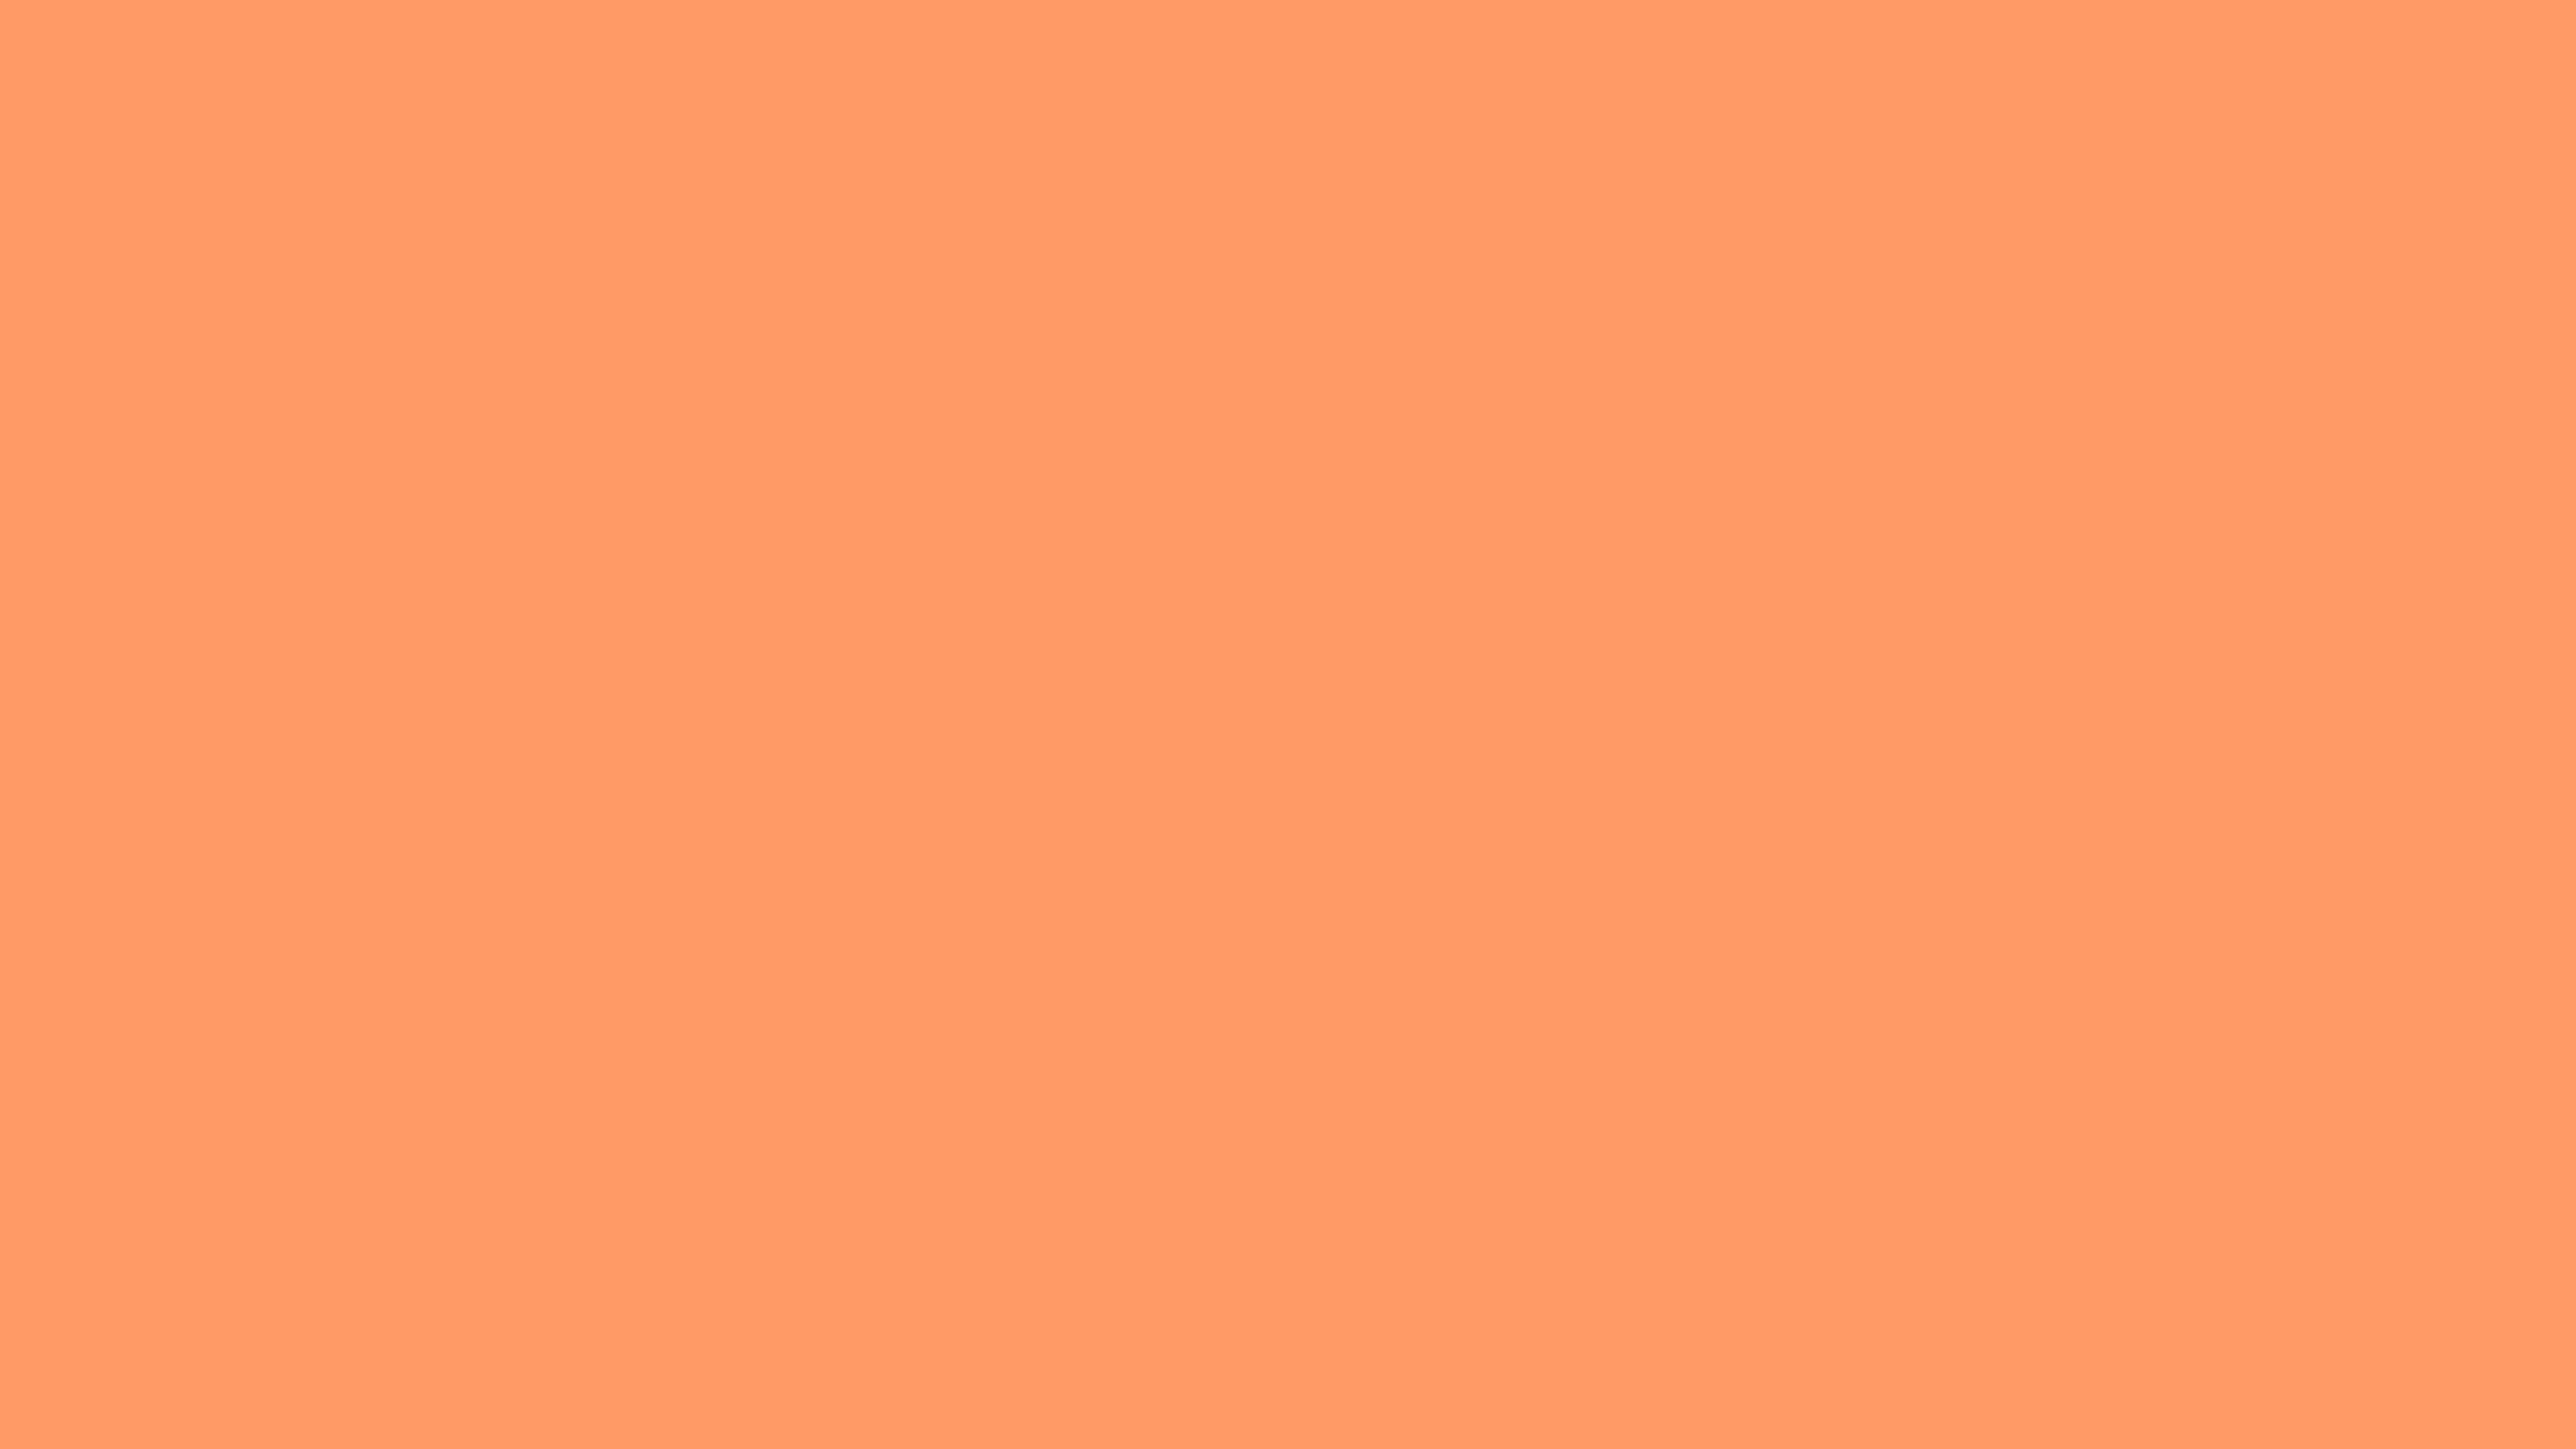 3840x2160 Pink-orange Solid Color Background